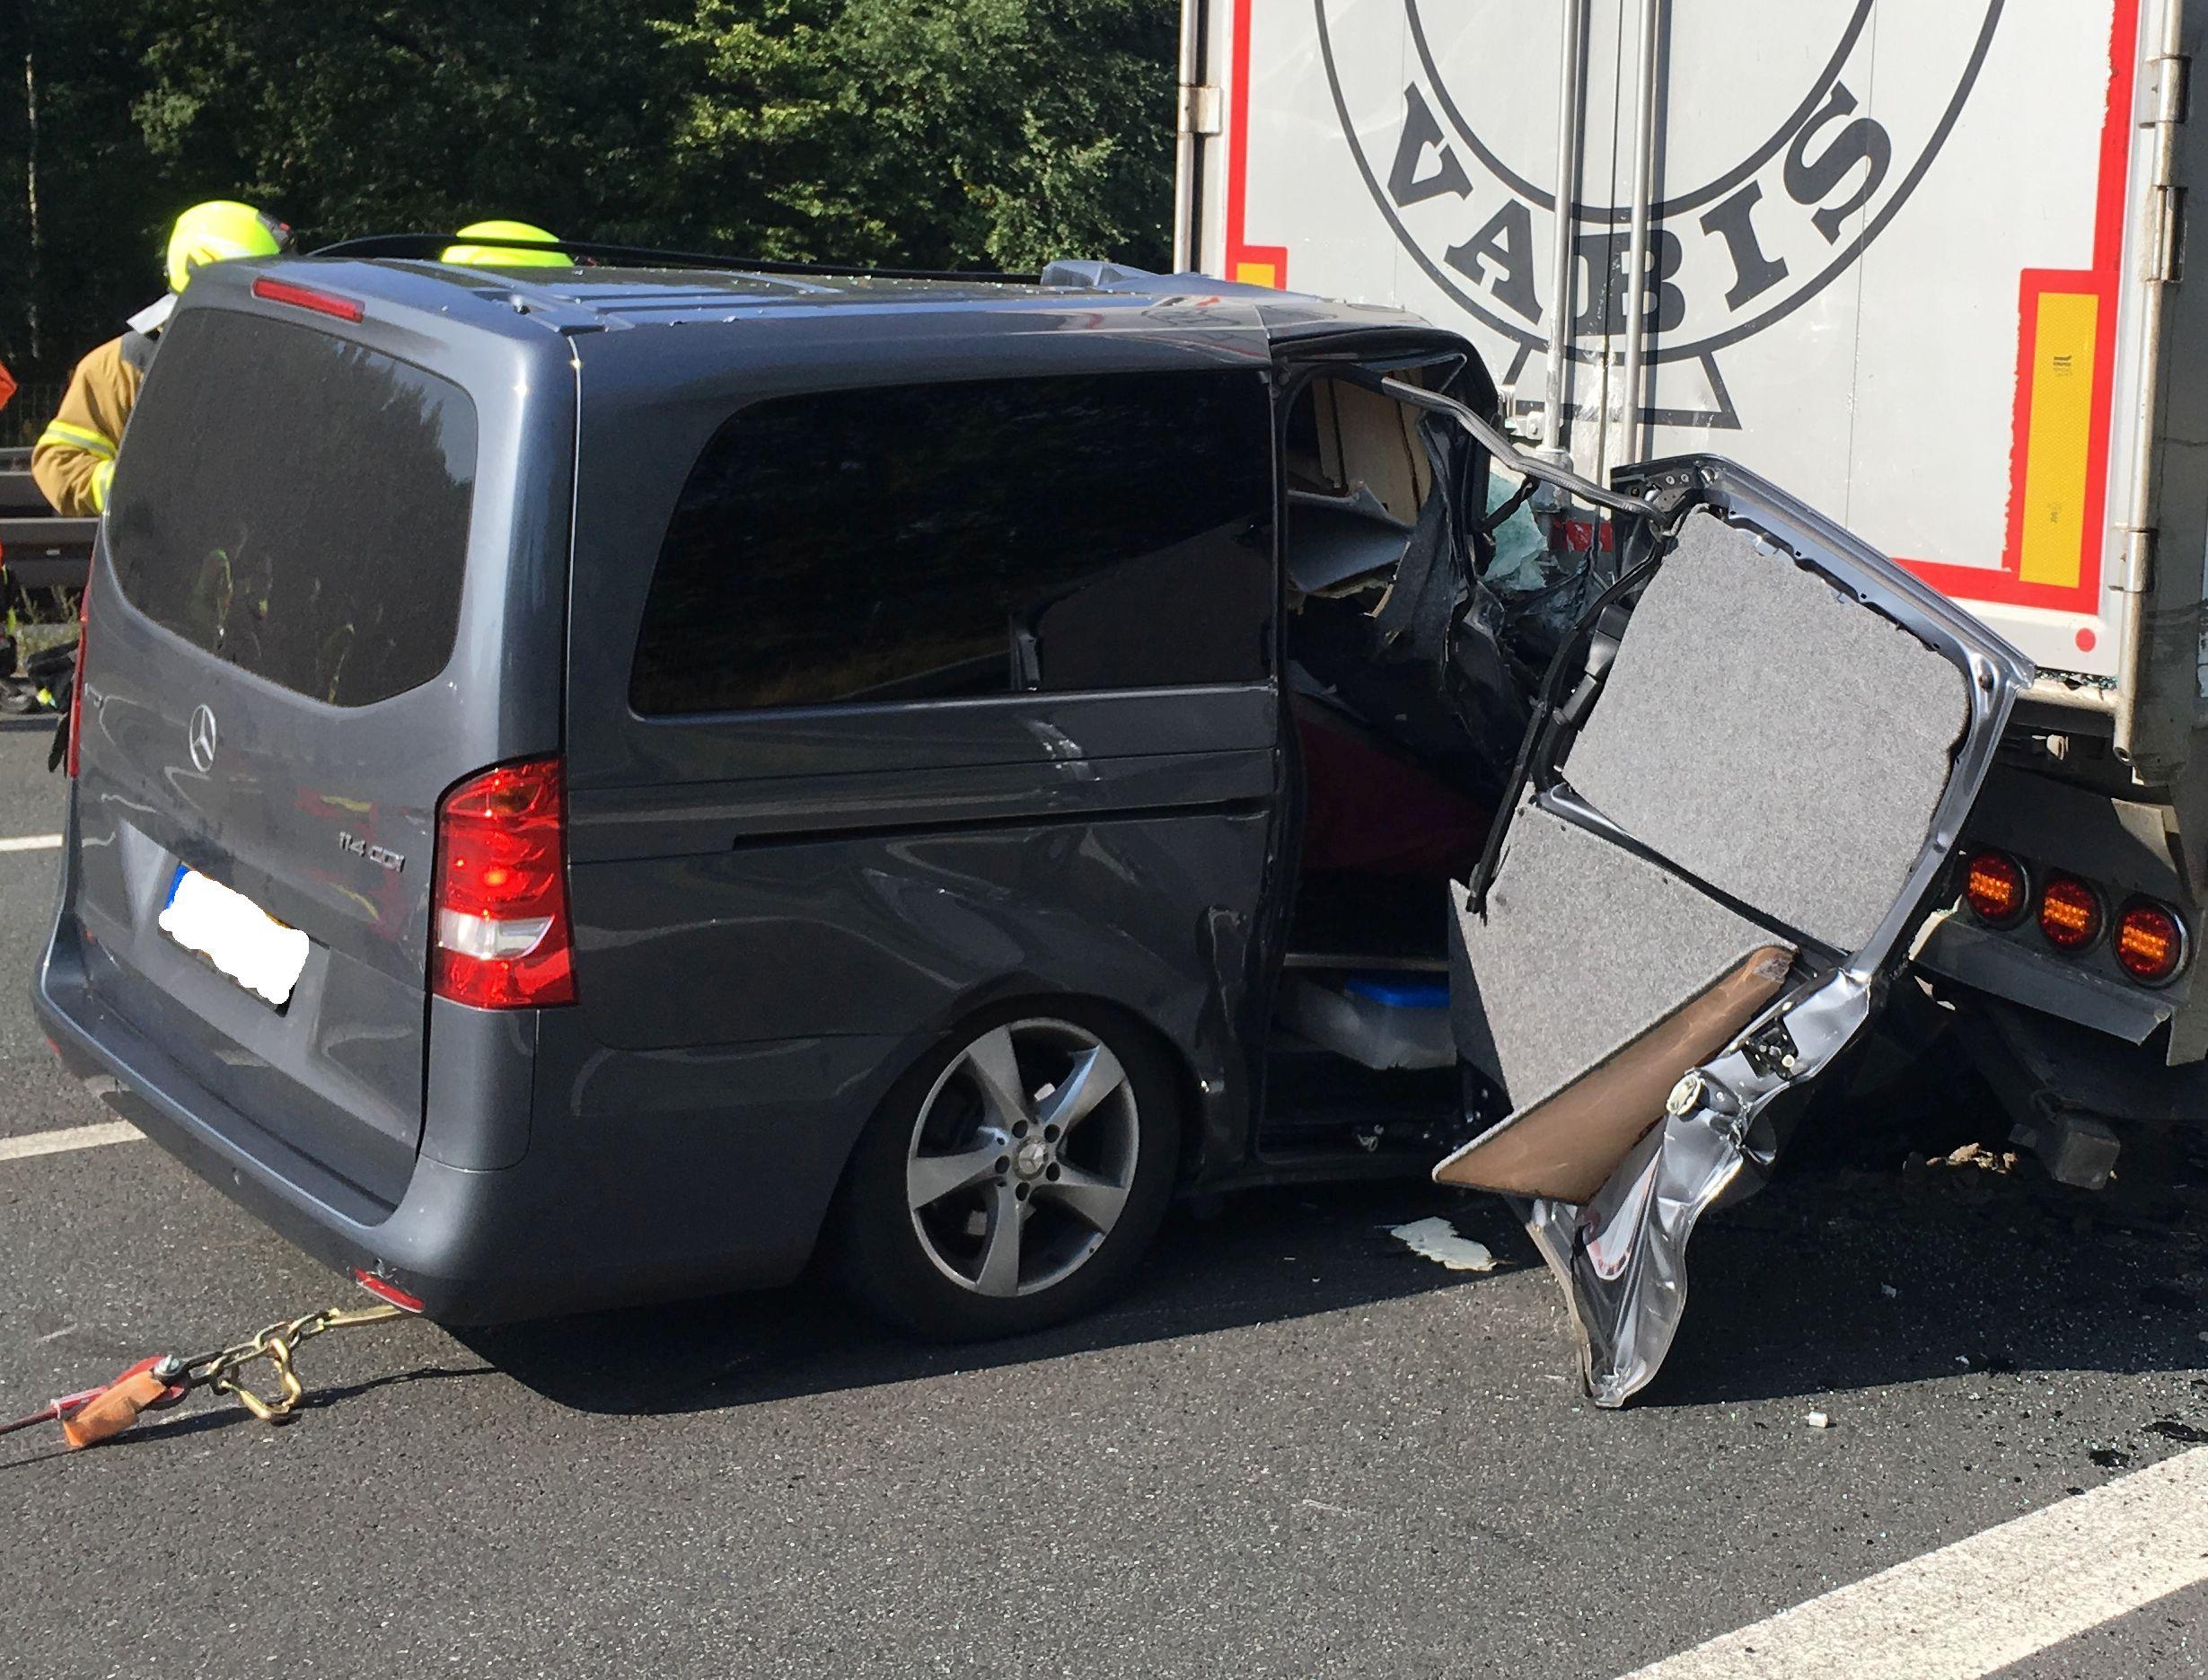 Ein niederländischer Mercedes Kleintransporter (Leichenwagen) fuhr aus ungeklärter Ursache auf einen vor ihm an einem Stauende wartenden Sattelzug auf.